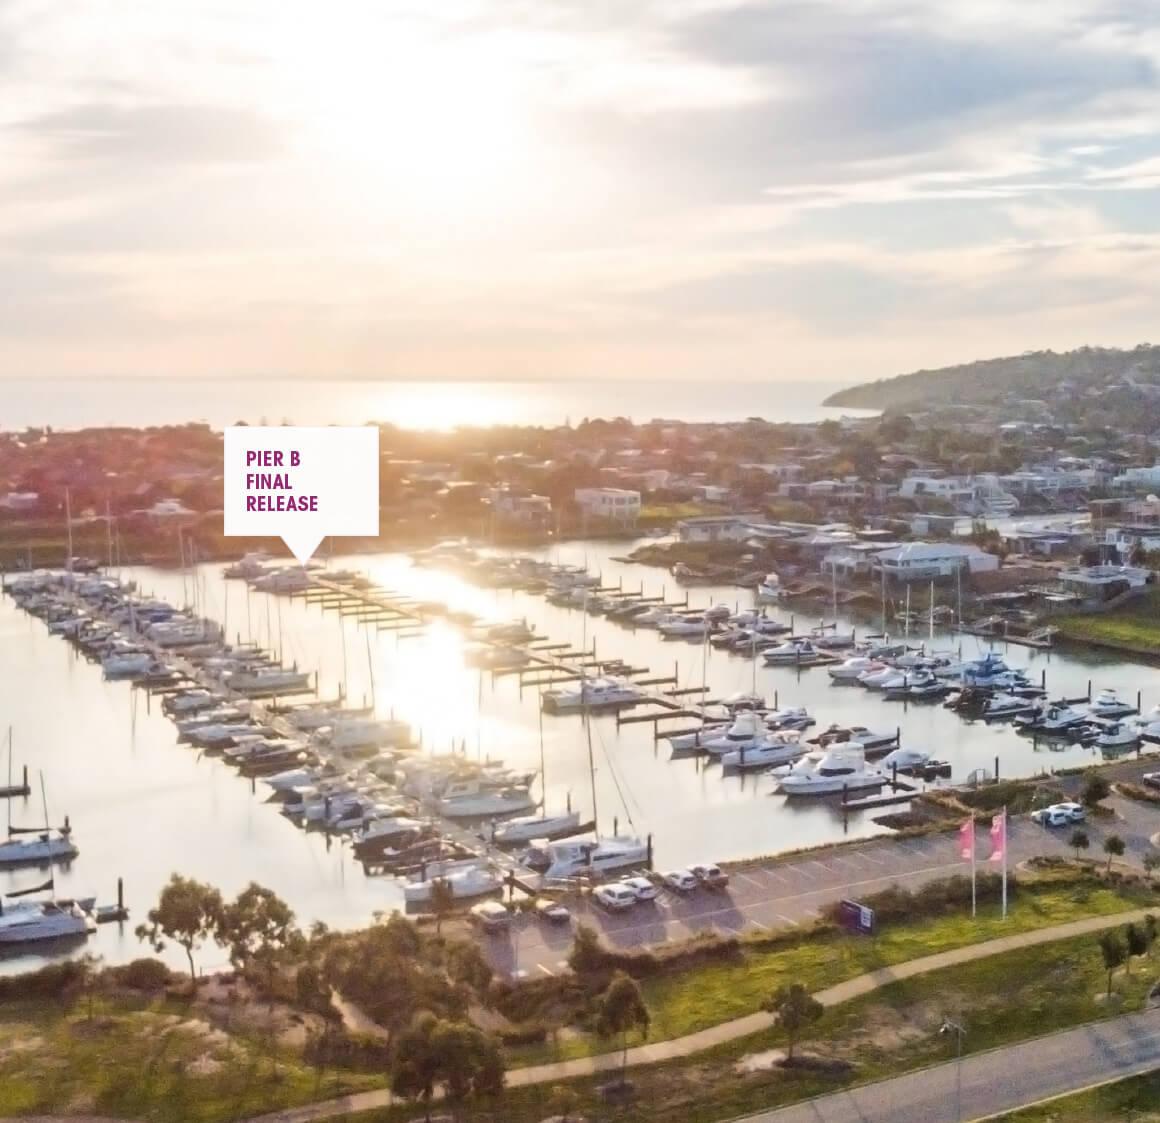 pier-b-final-release-freehold-marina-berths